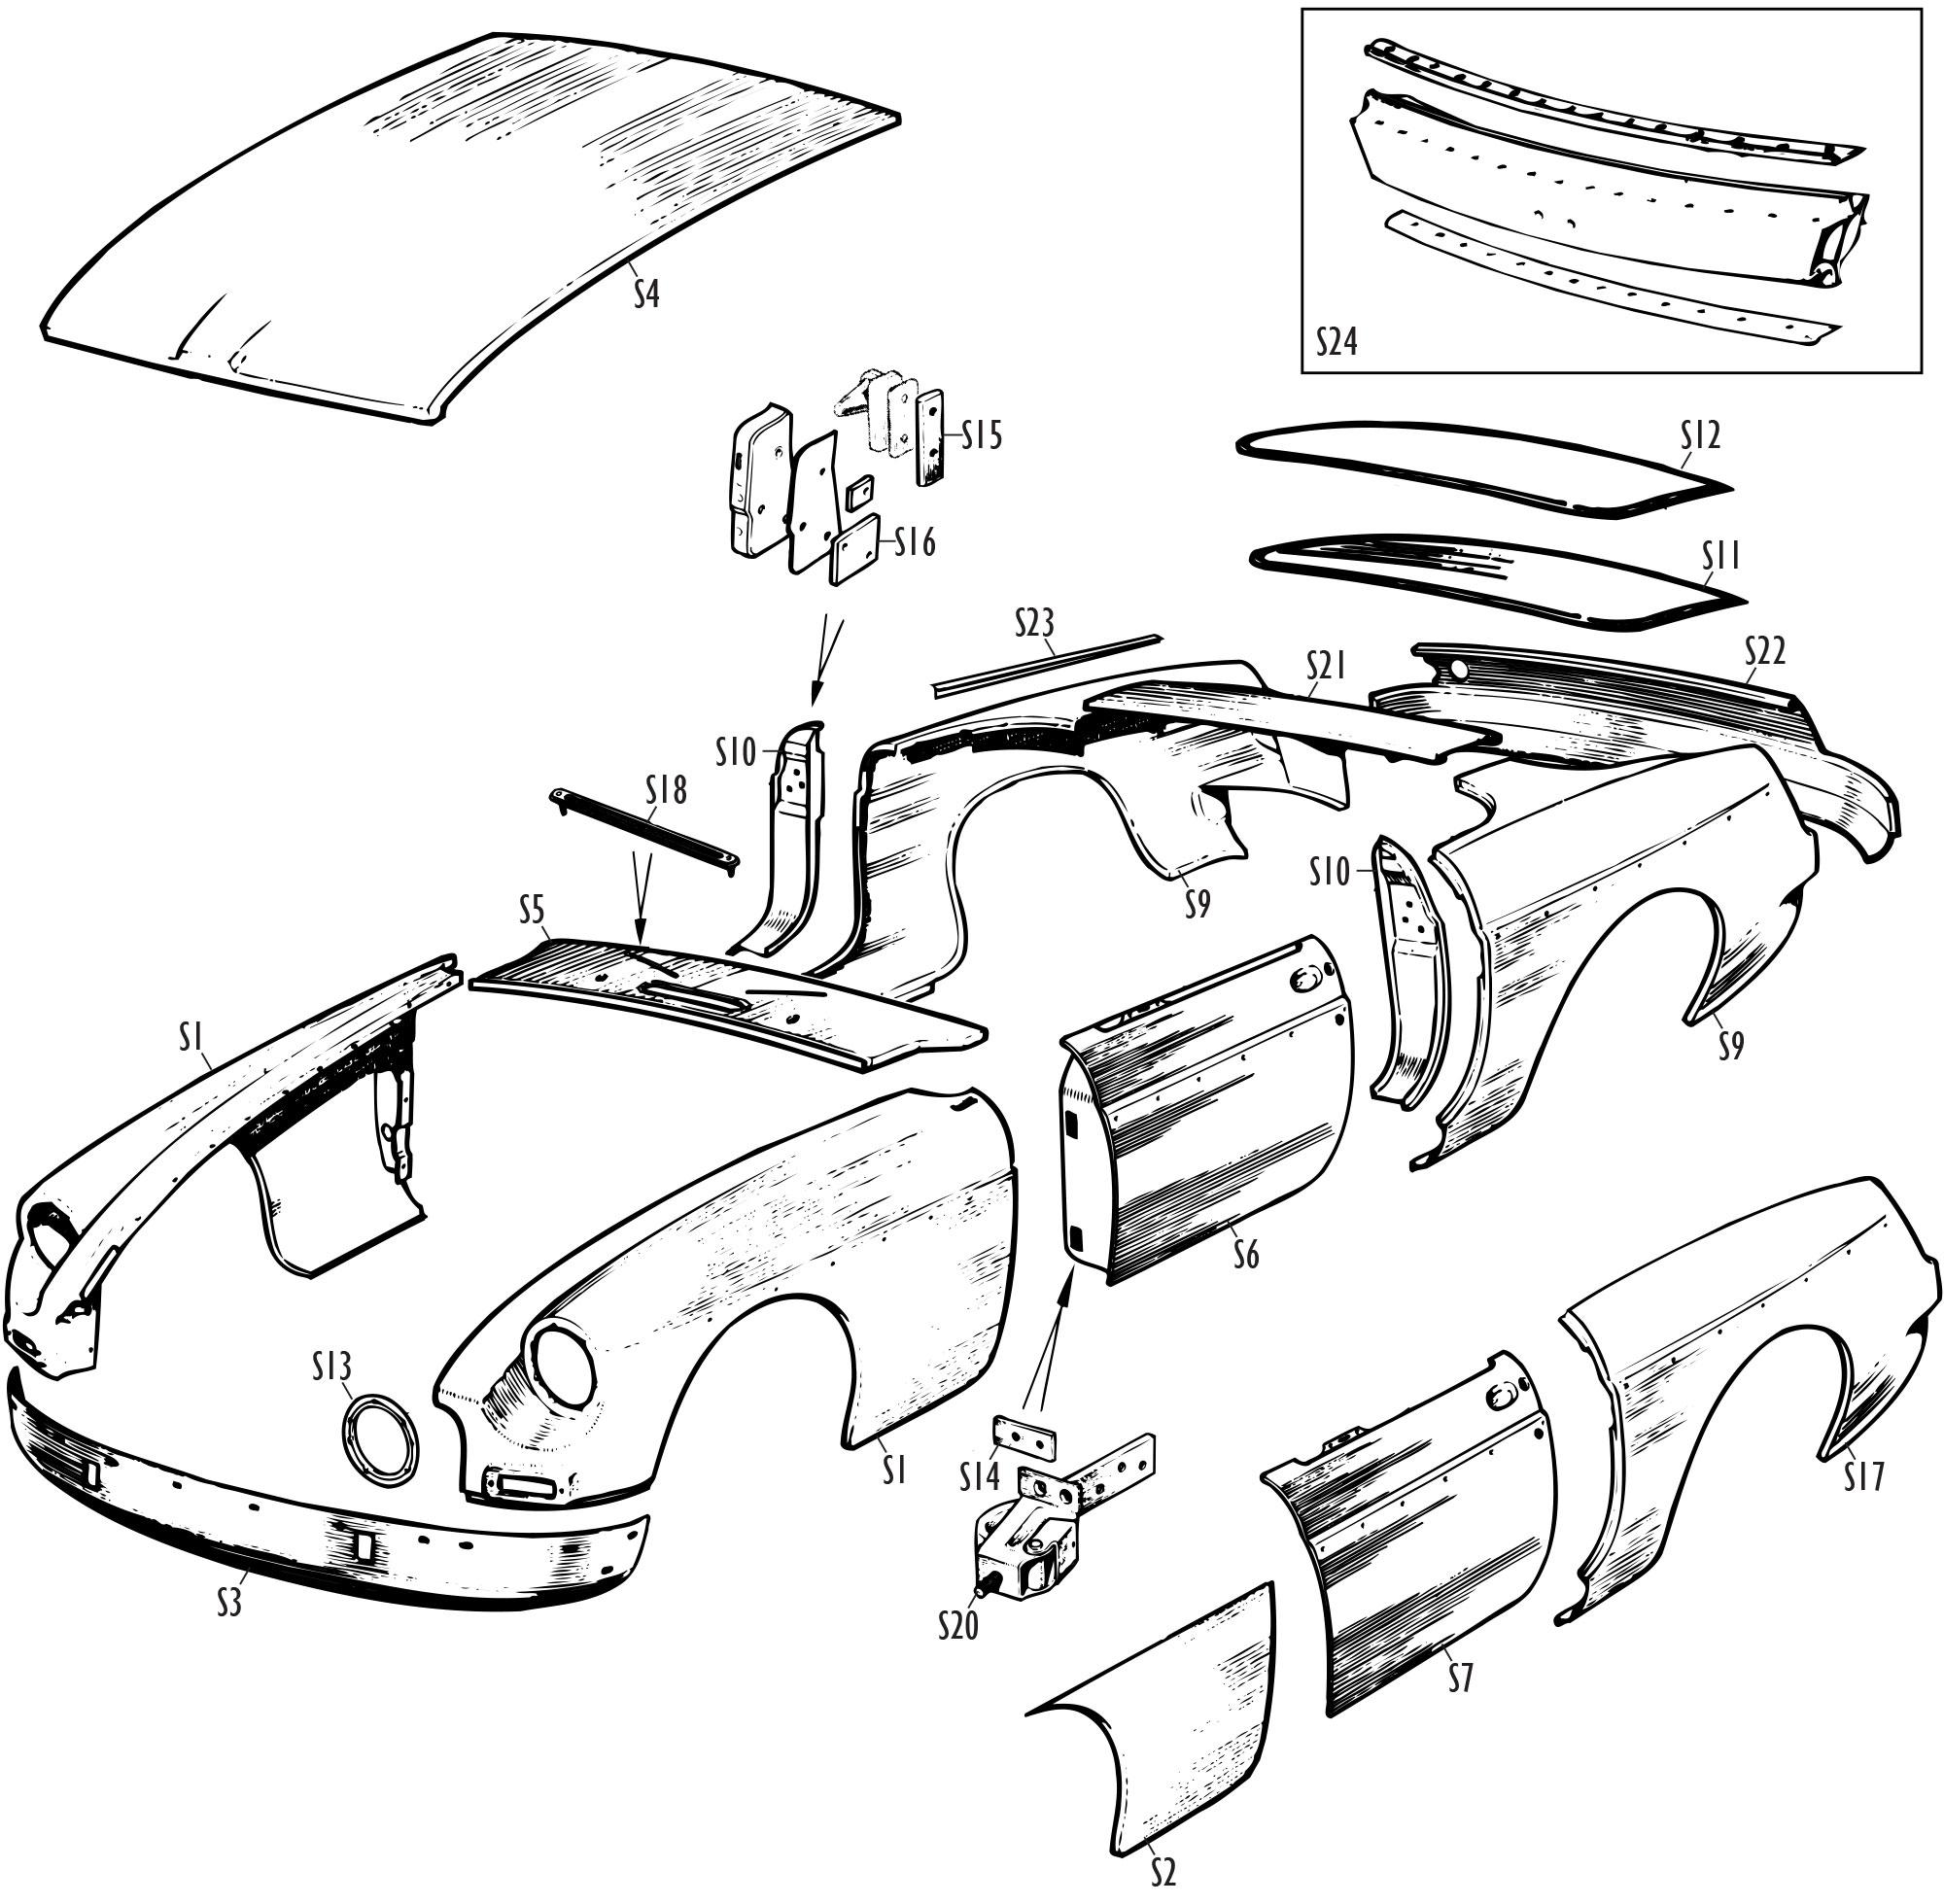 MGB and MGB GT Parts - MGB Skin Panels